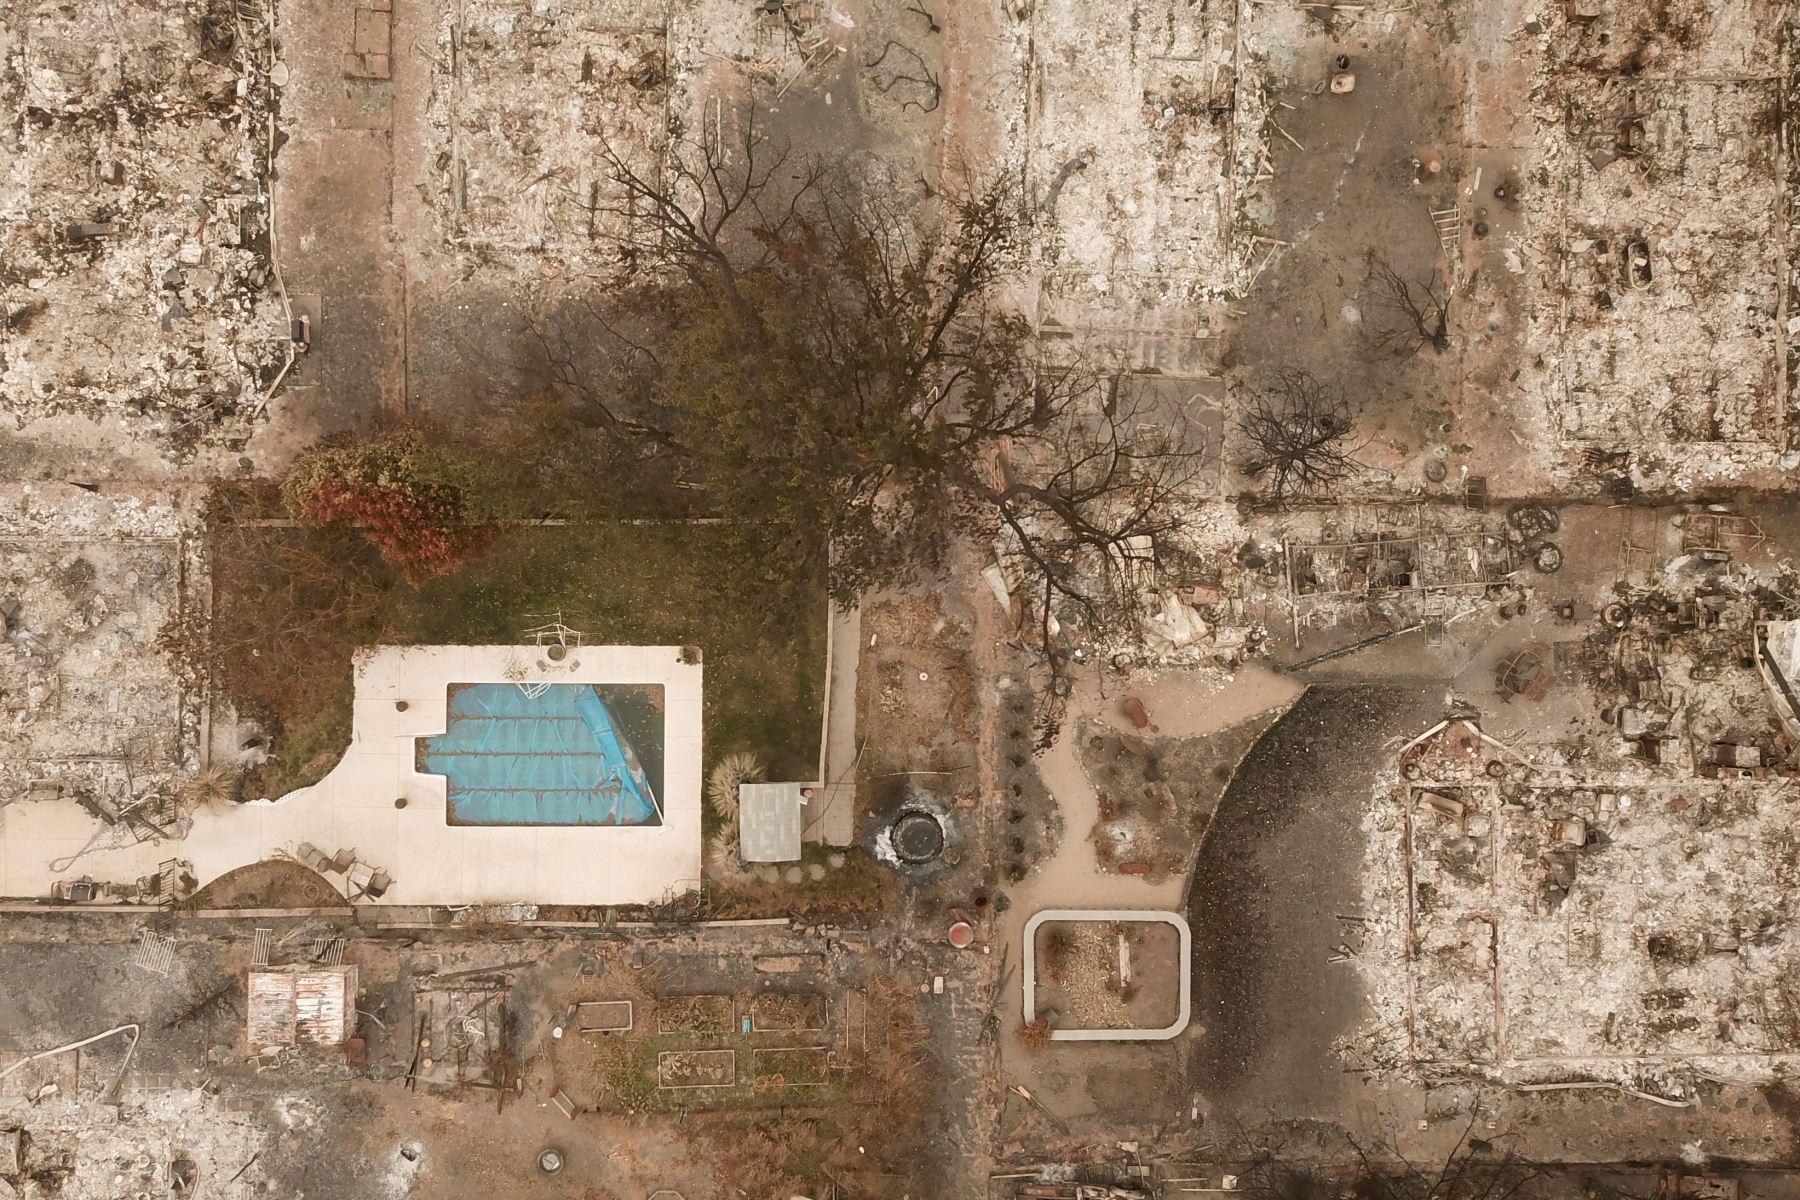 Una vista aérea muestra las propiedades destruidas por el incendio de Almeda en Talent, Oregón. Foto: AFP